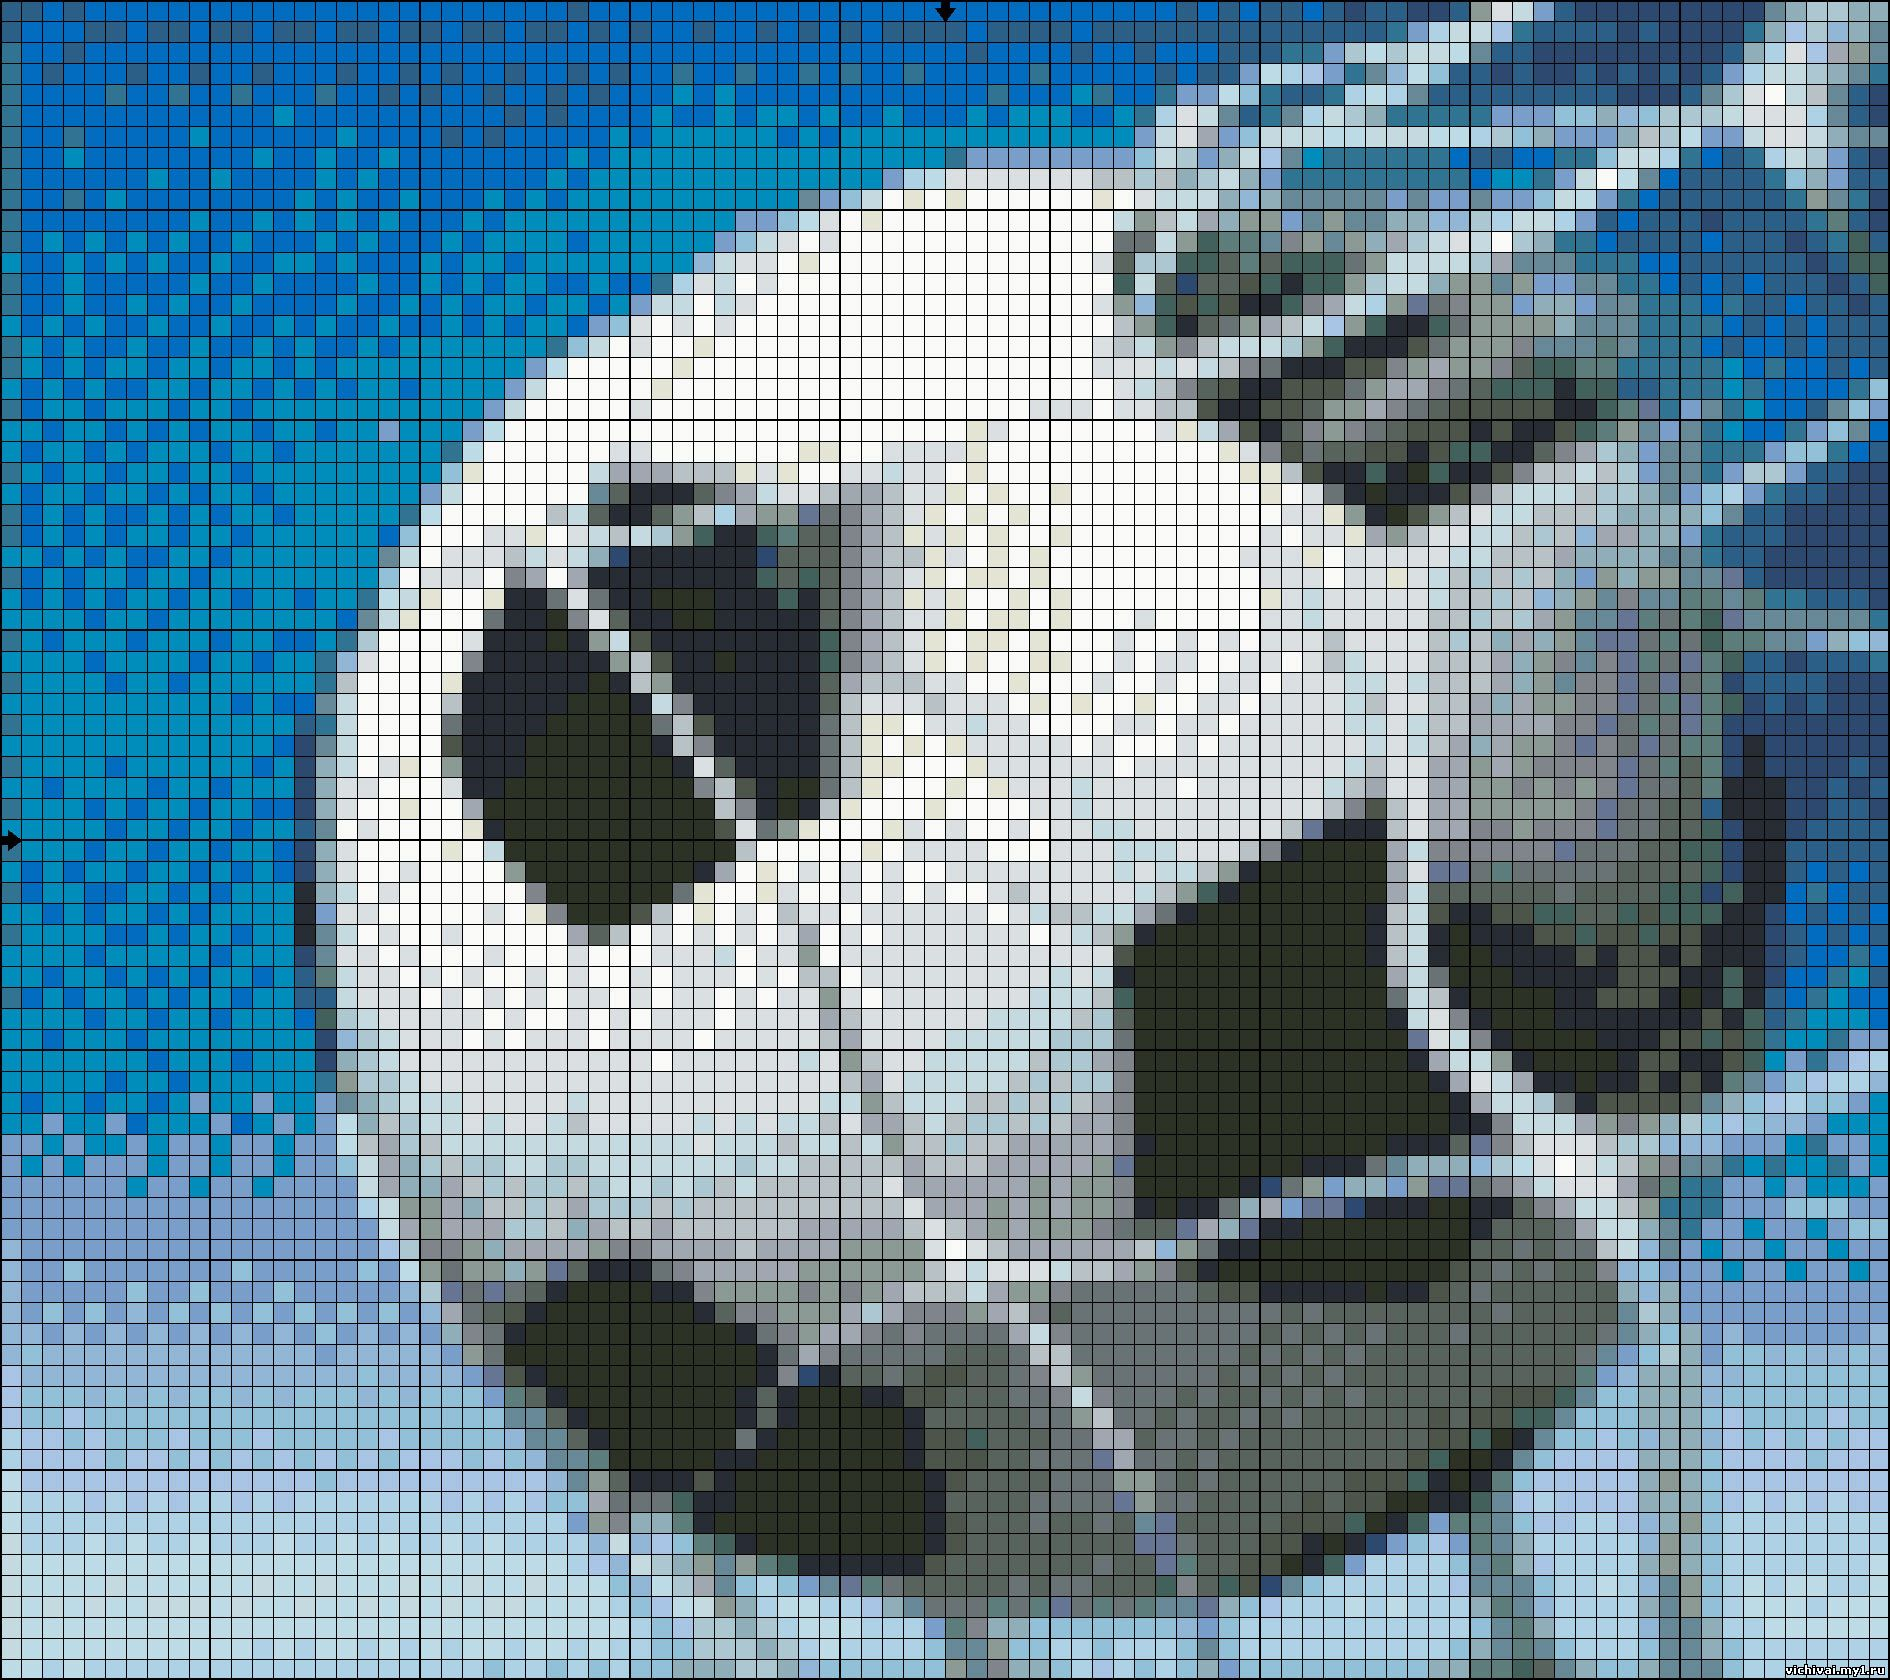 Схемы вышивки крестиком футбольные